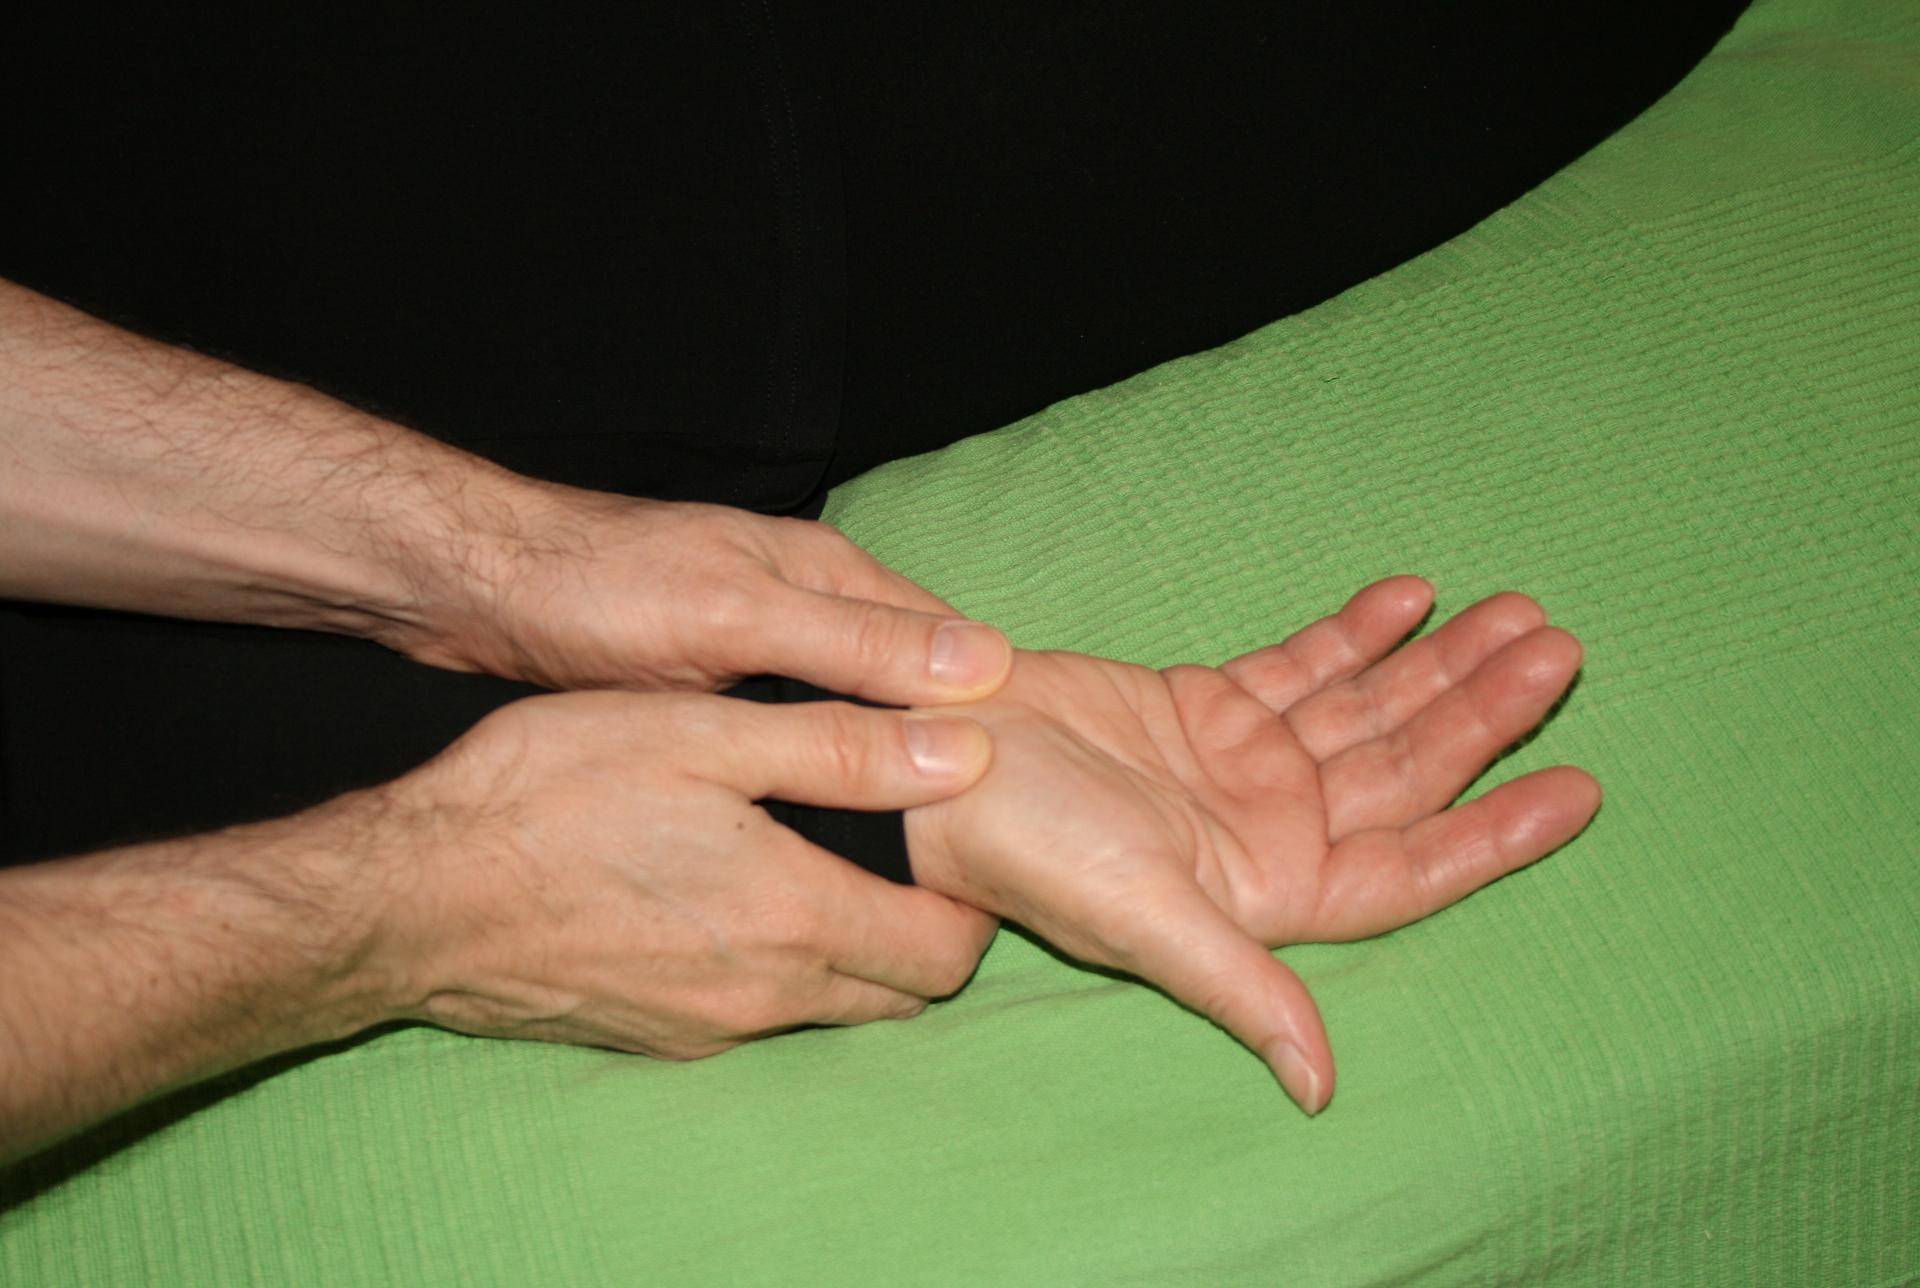 Billedet viser en en klient, der får behandling mod smerter i håndleddet.